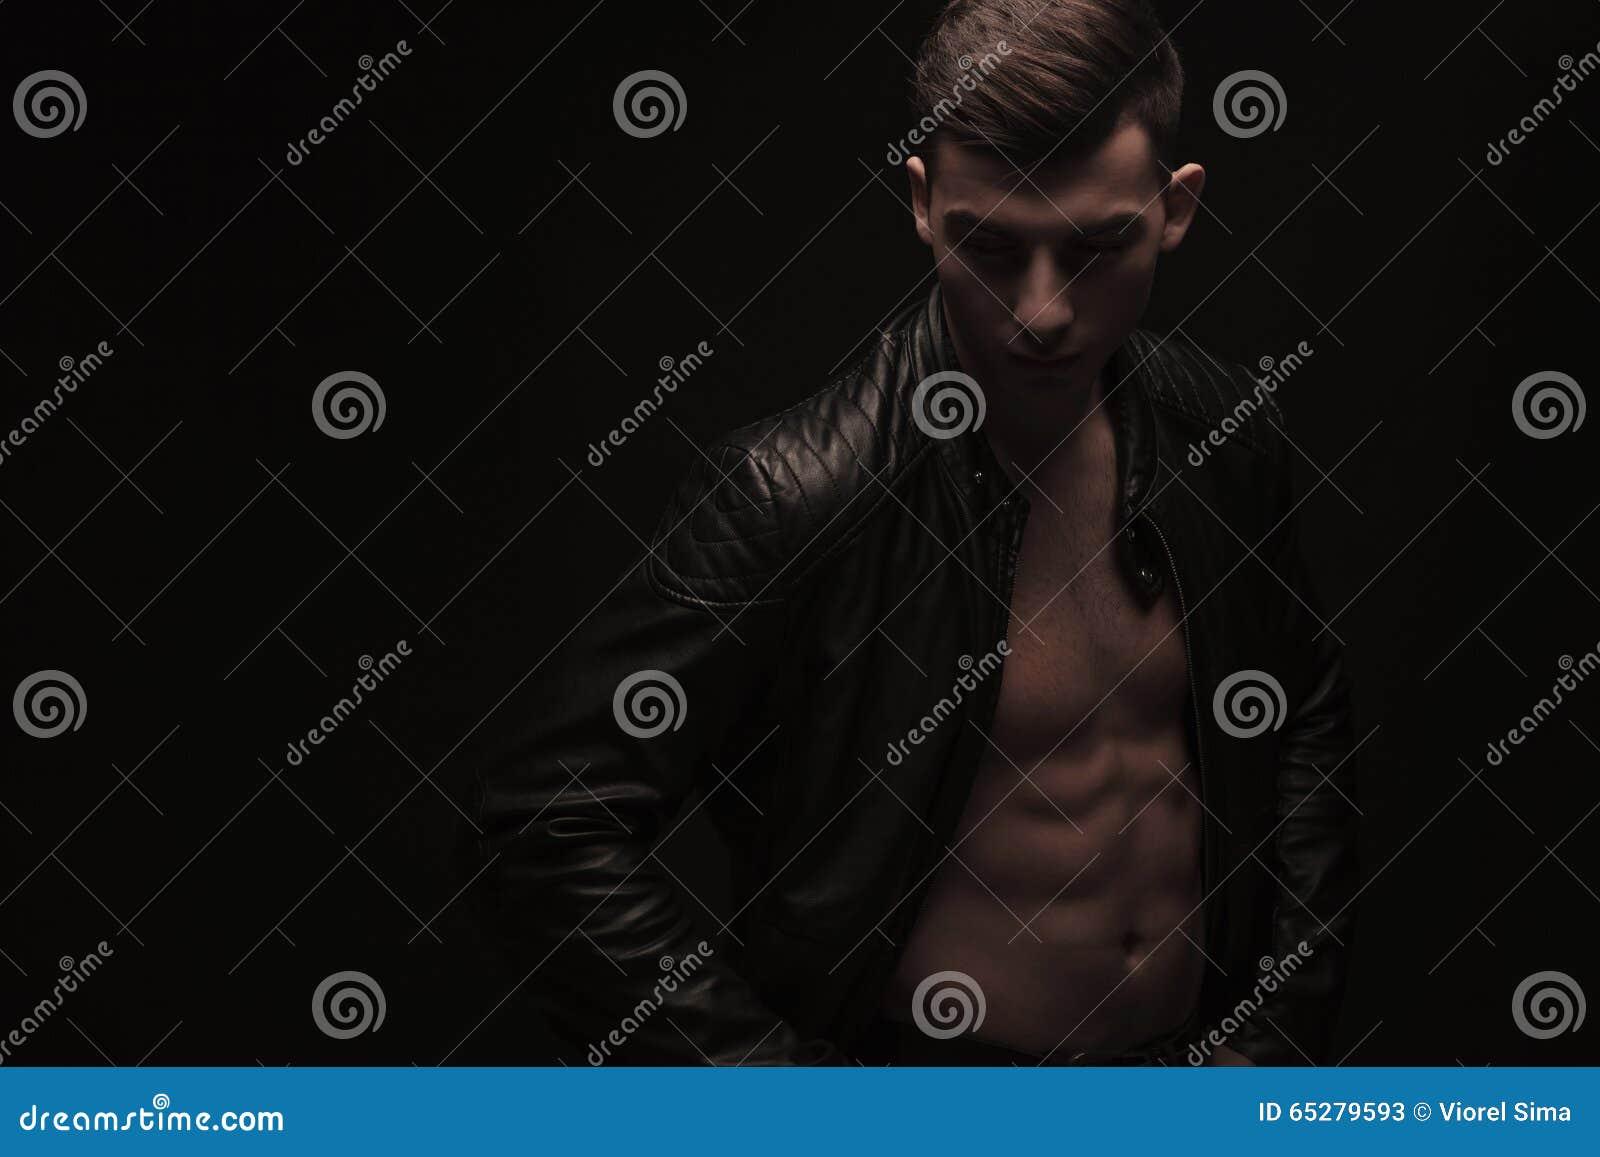 Muscular boy posing shirtless in studio background while wearing